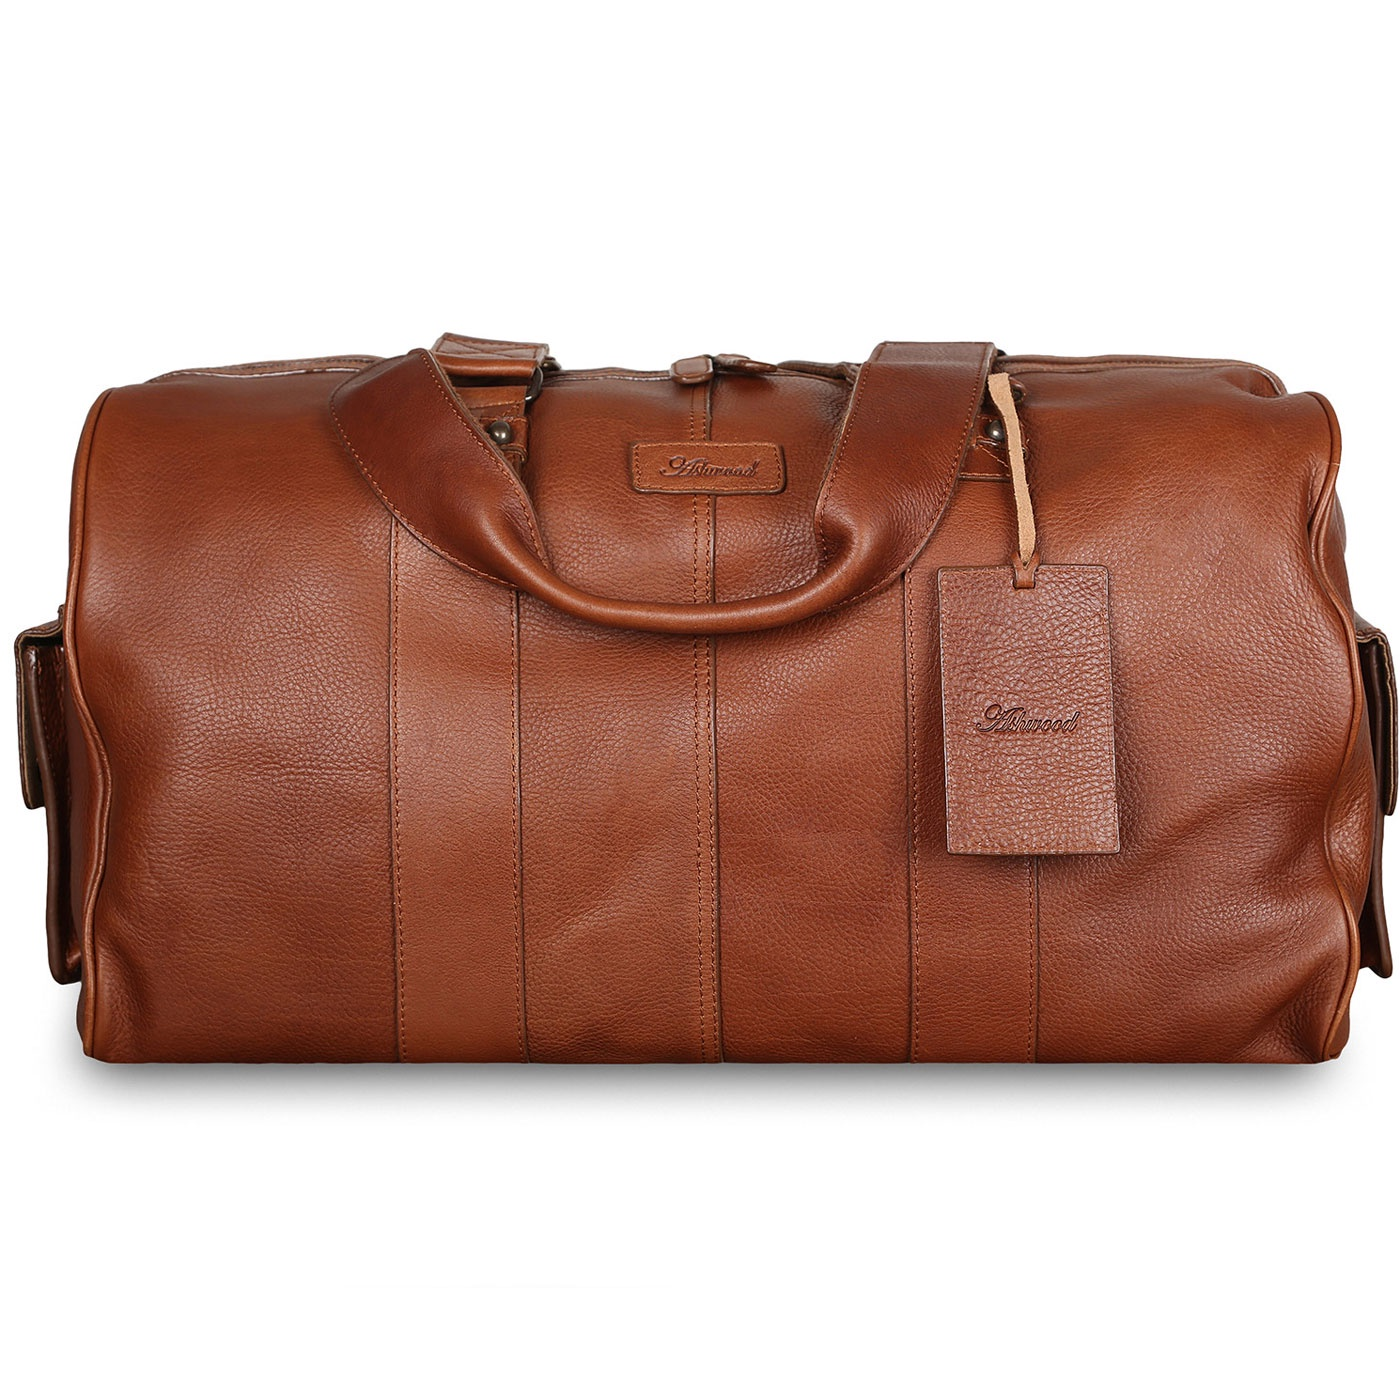 Сумка дорожная Ashwood Leather Humphrey, светло-коричневый